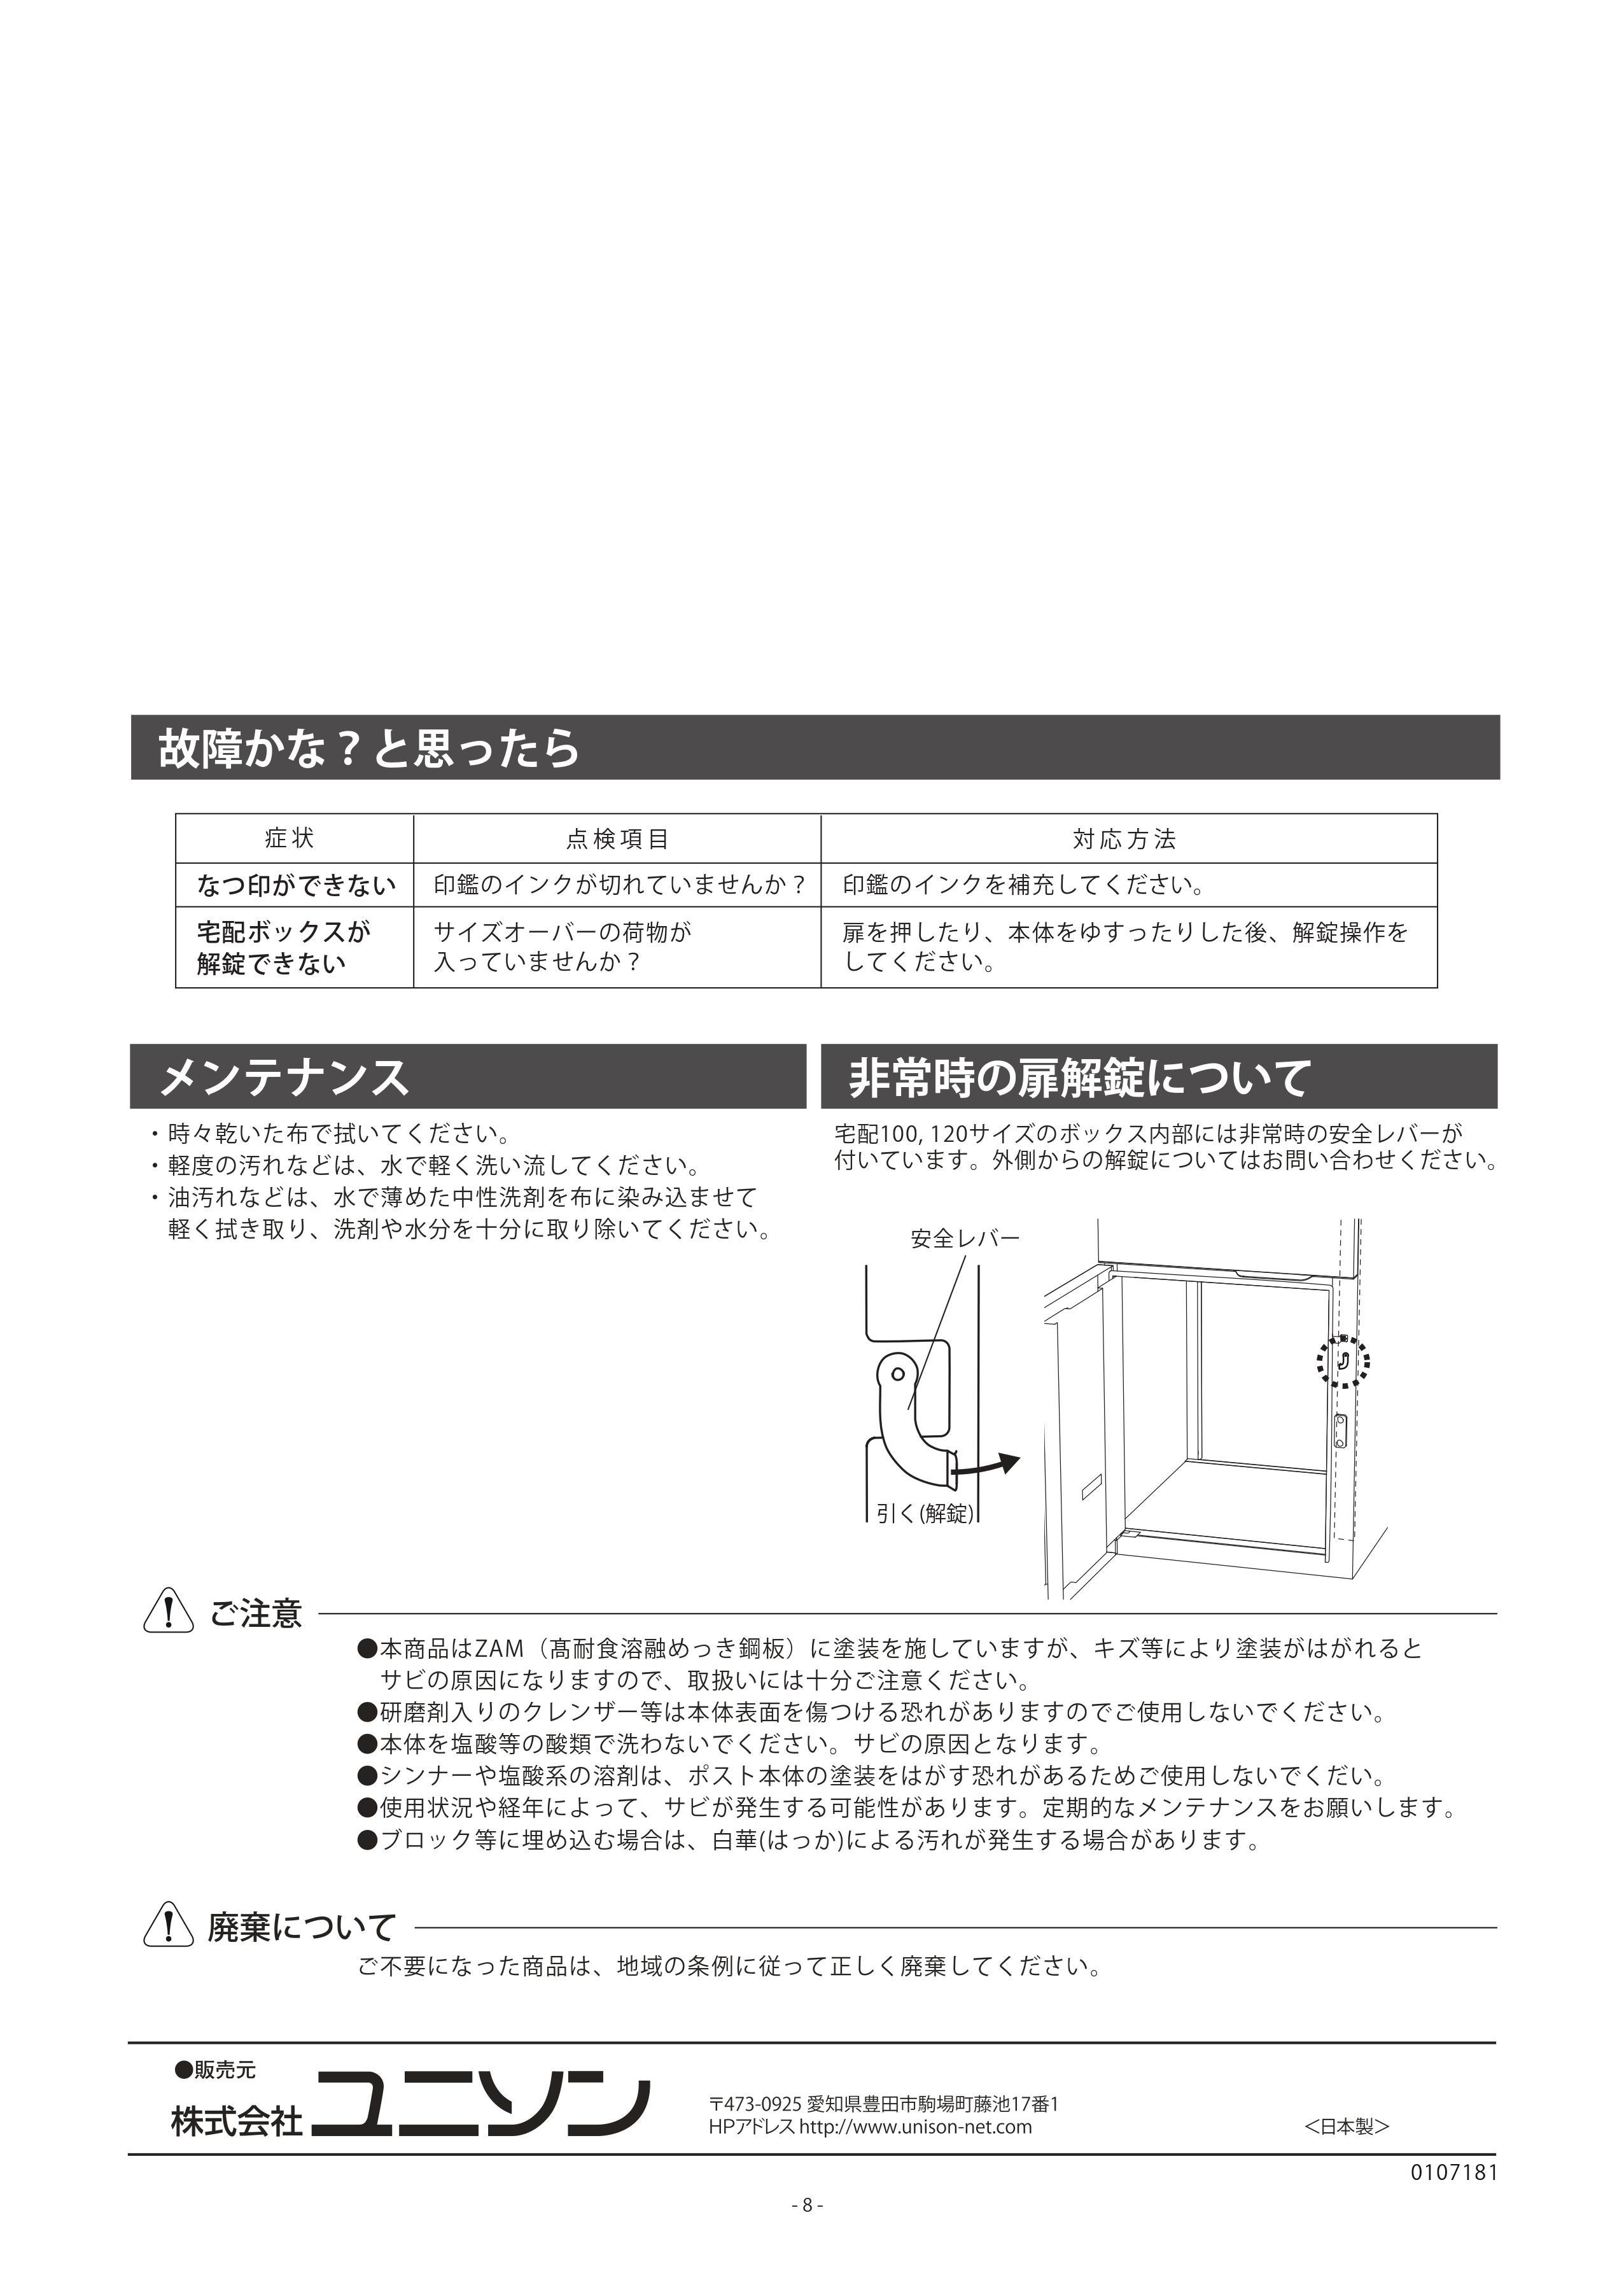 ヴィコDB 取り扱い説明書 (8)